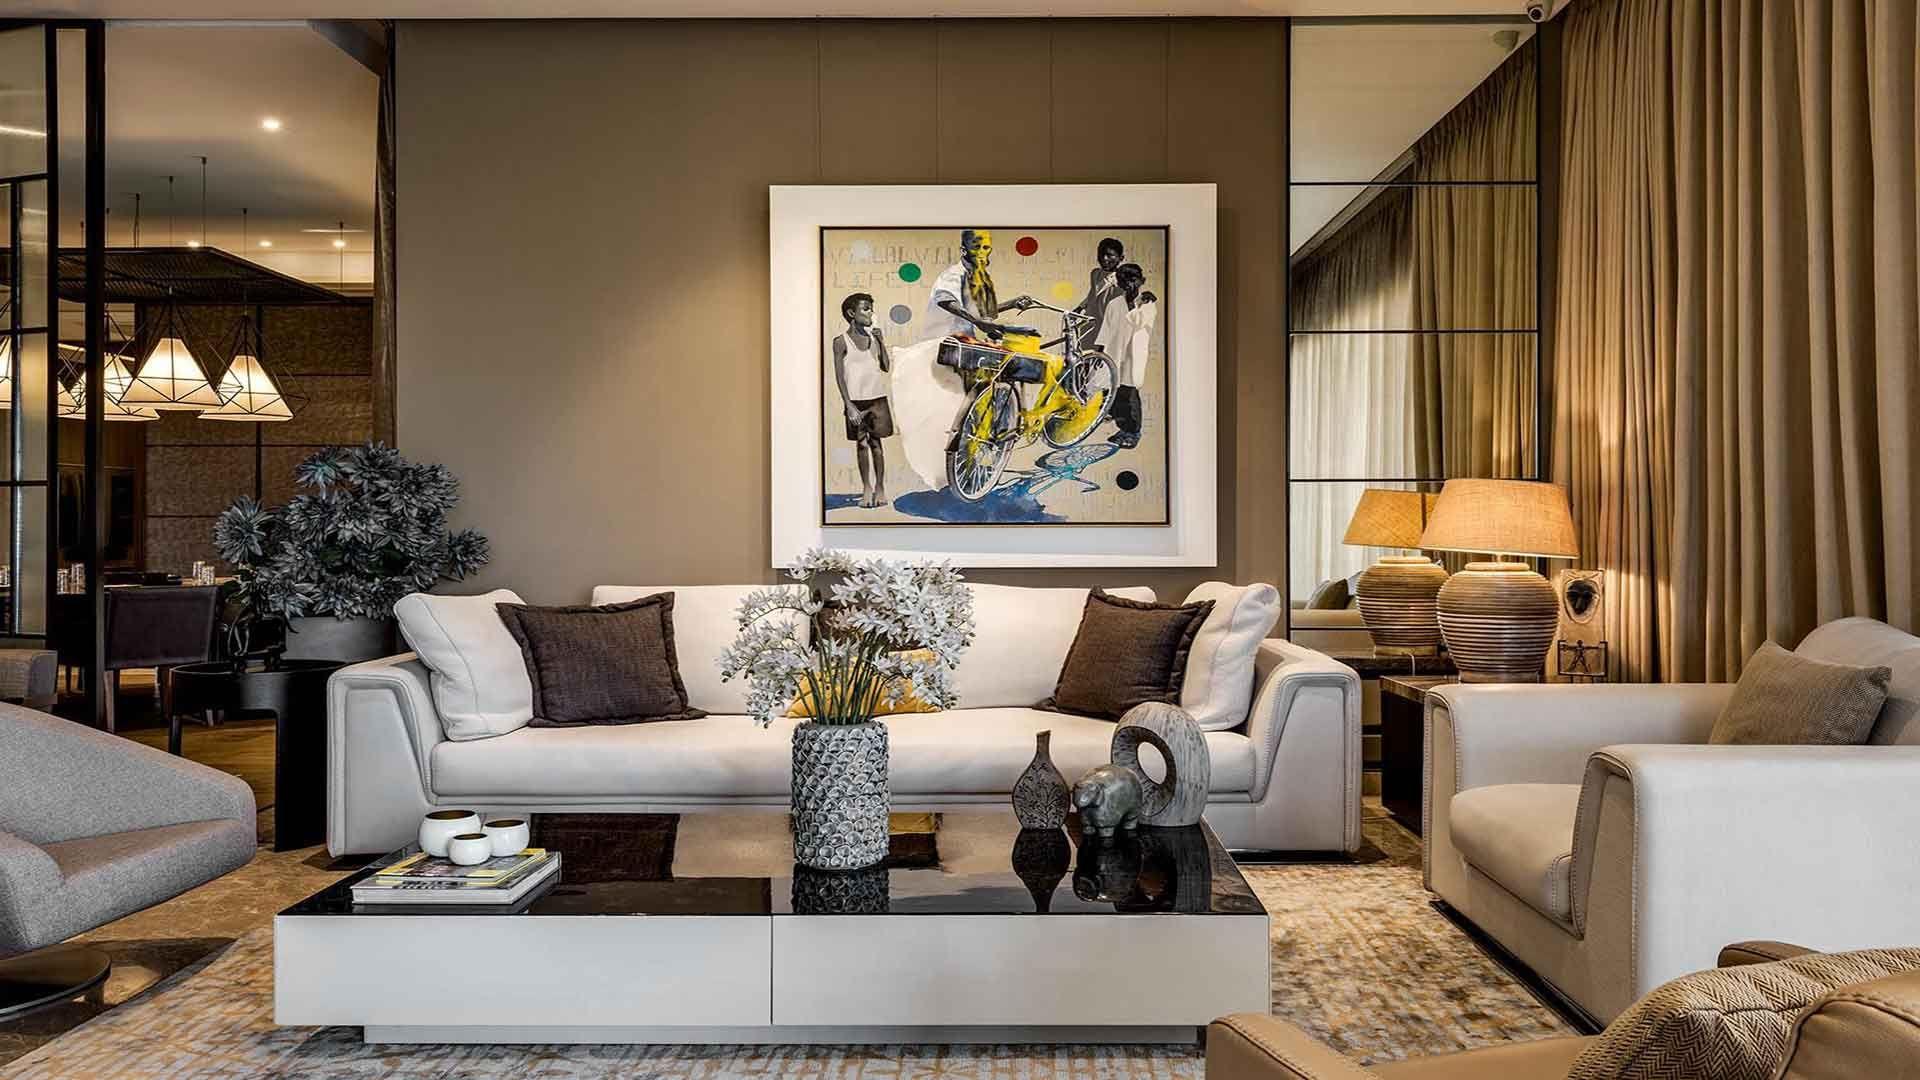 Pune apartment | Small bedroom interior, Interior design ...